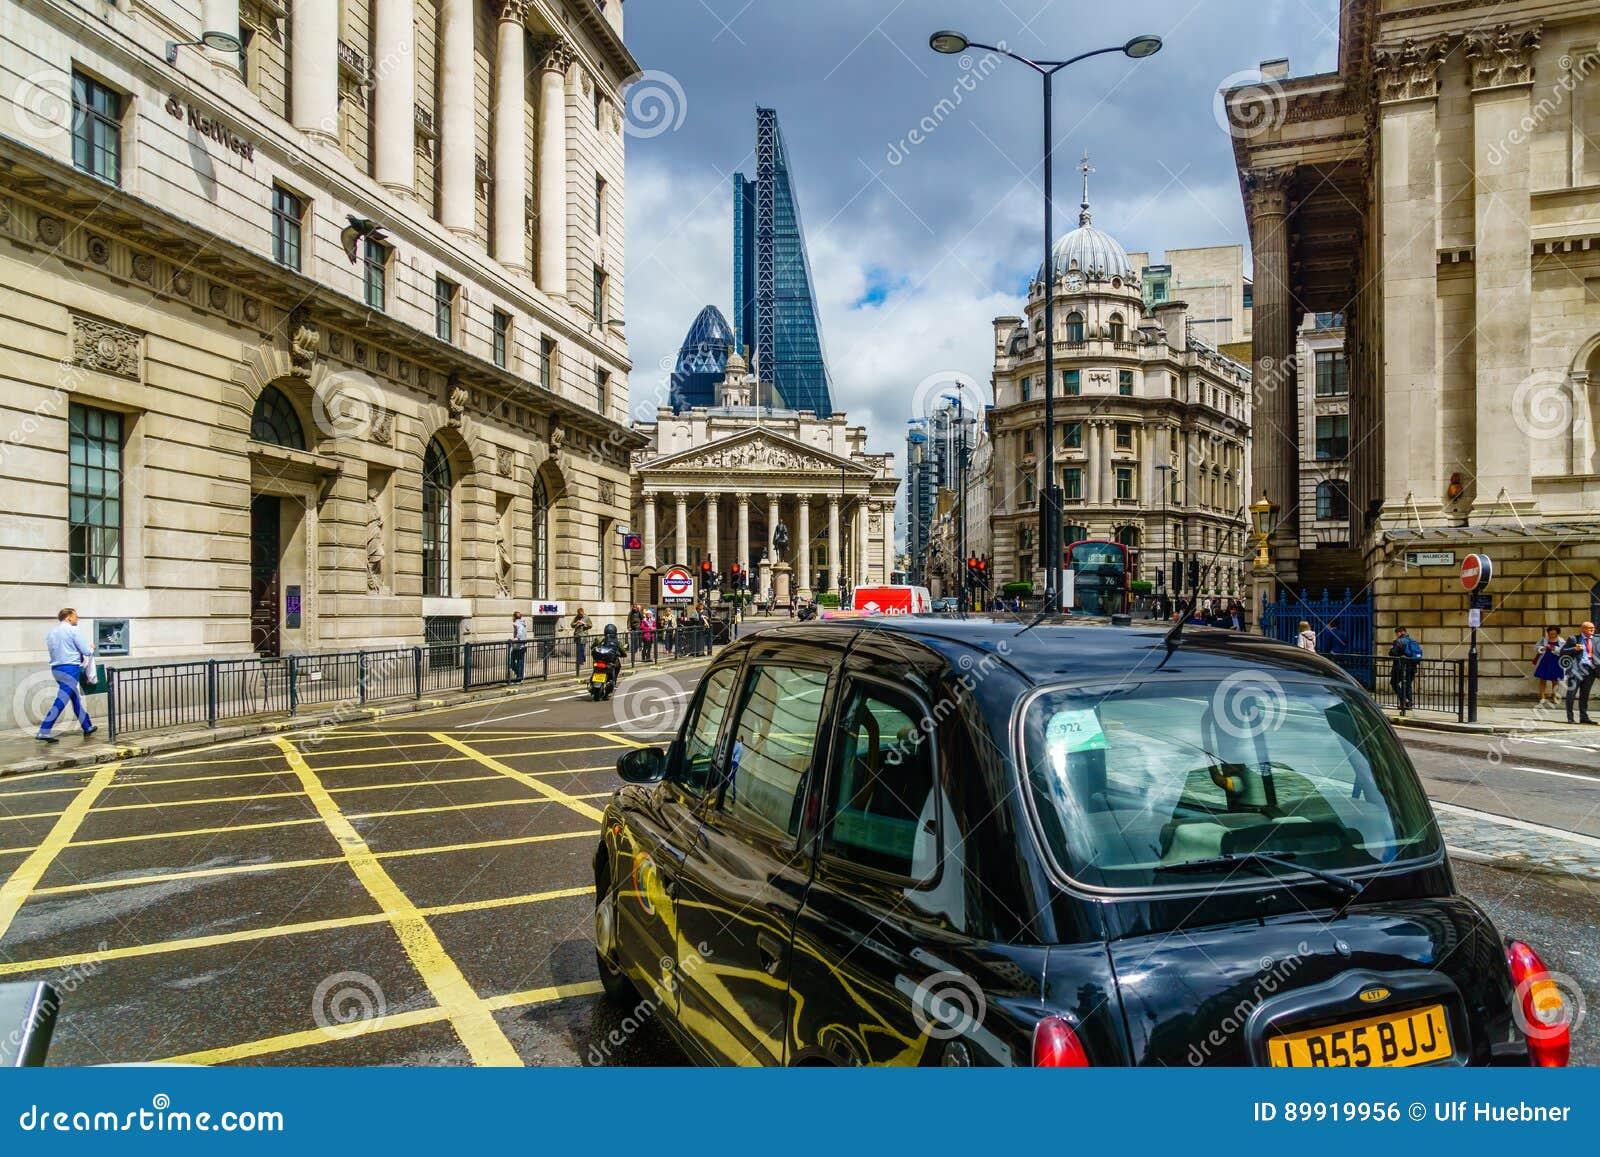 London, Vereinigtes Königreich - 20. Juni 2016: Ansicht über schwarzes London-Fahrerhaus durch Bankstation in London